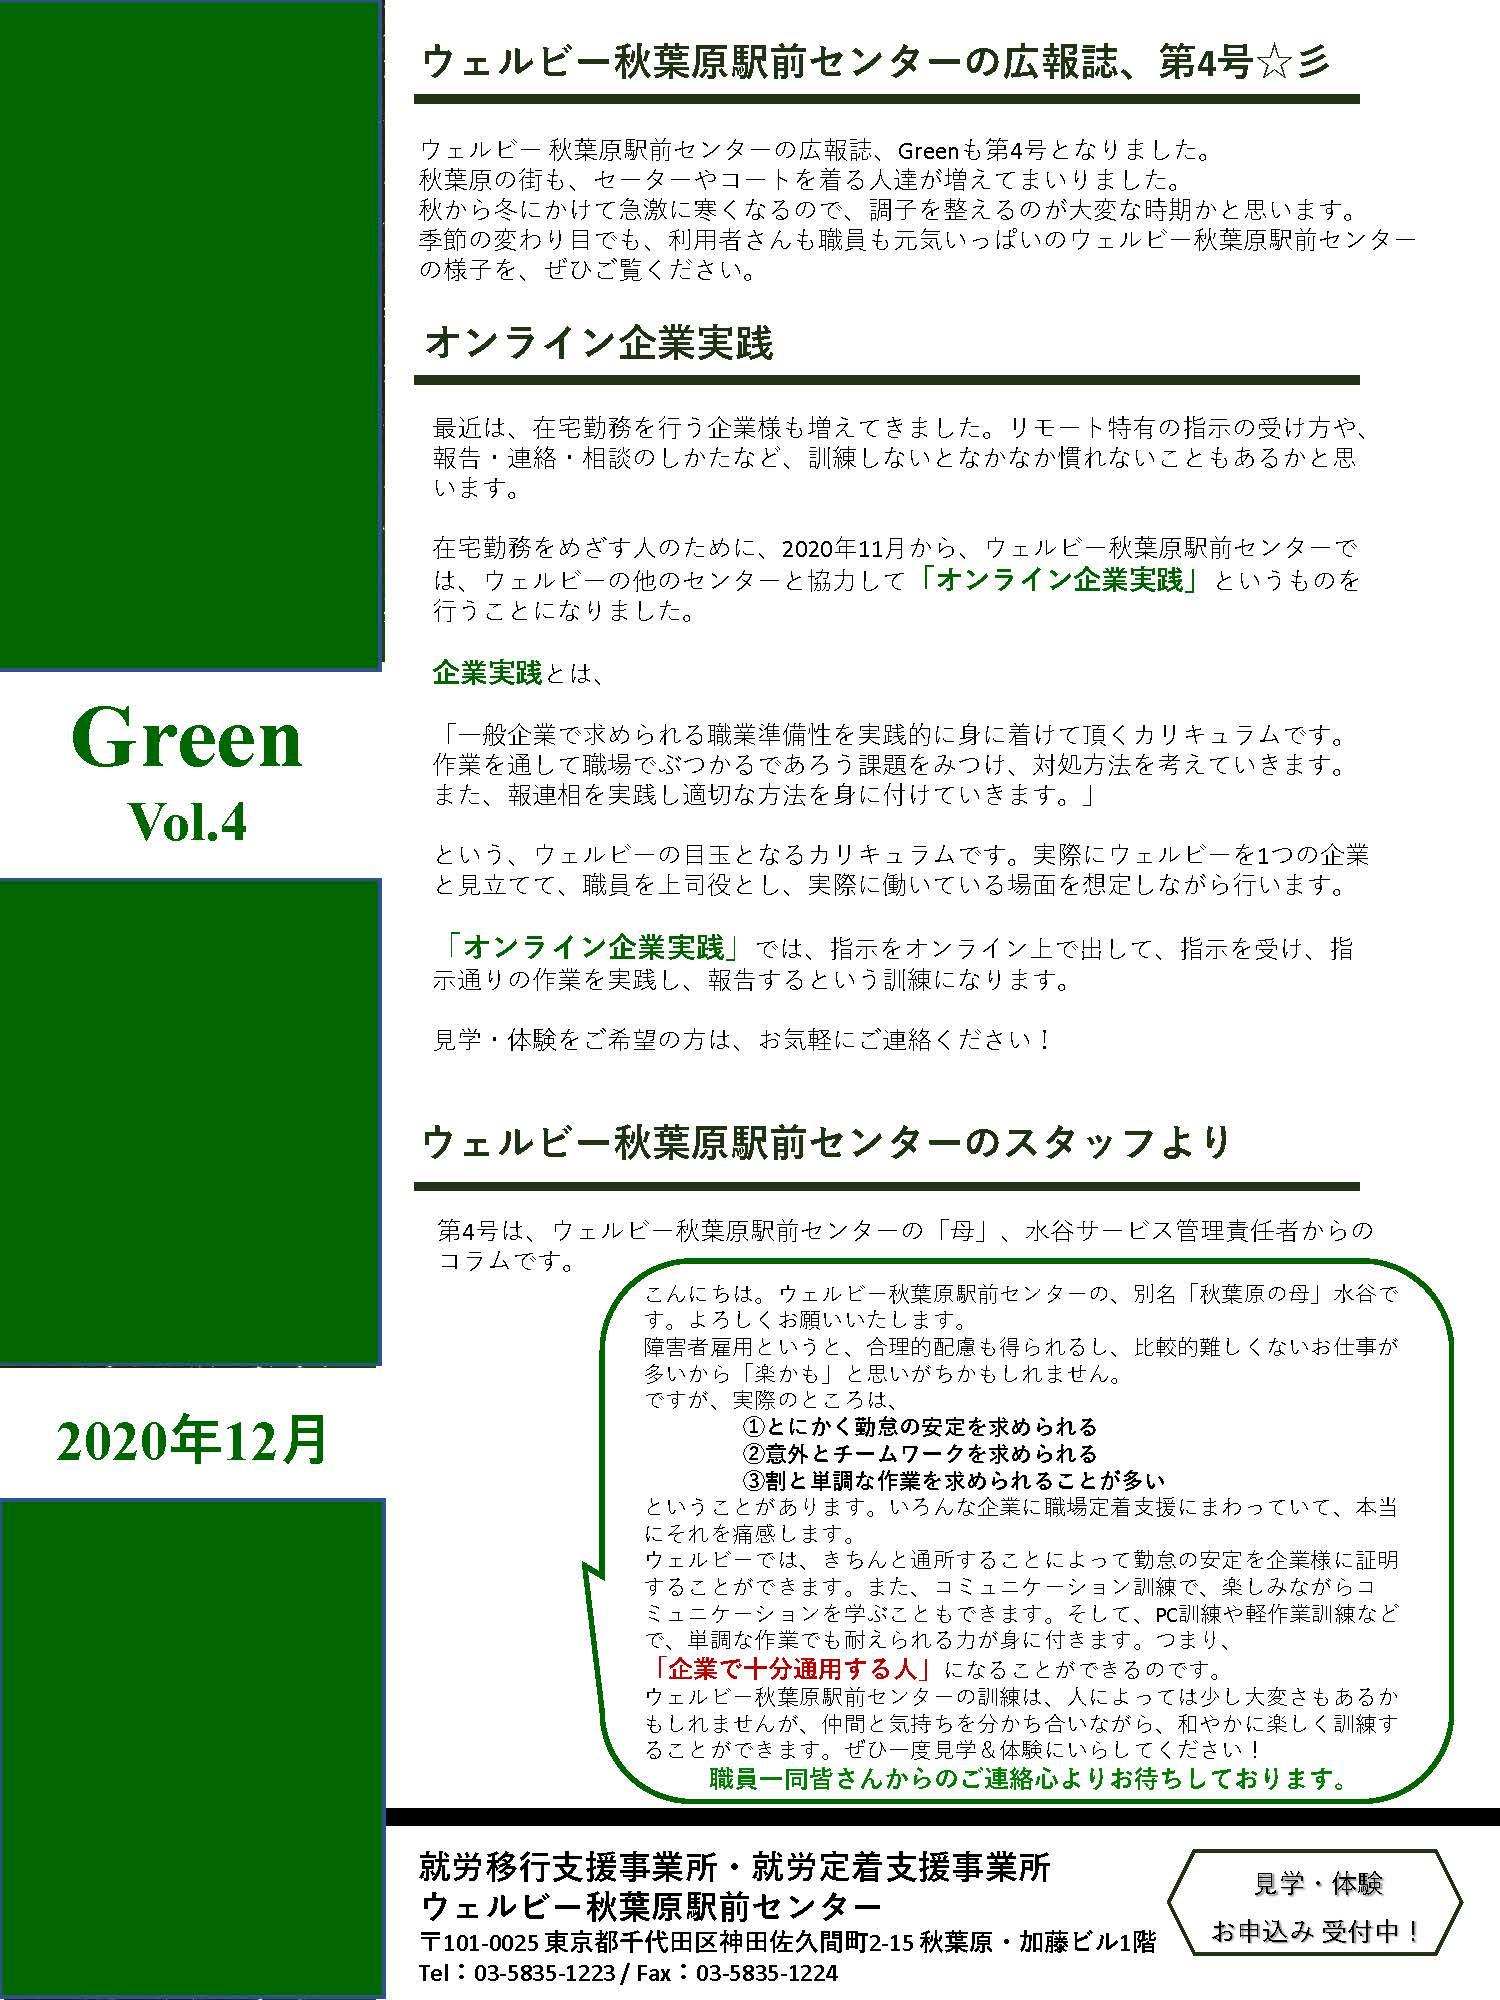 【Green_vol.4】2020年12月号0113_ページ_1